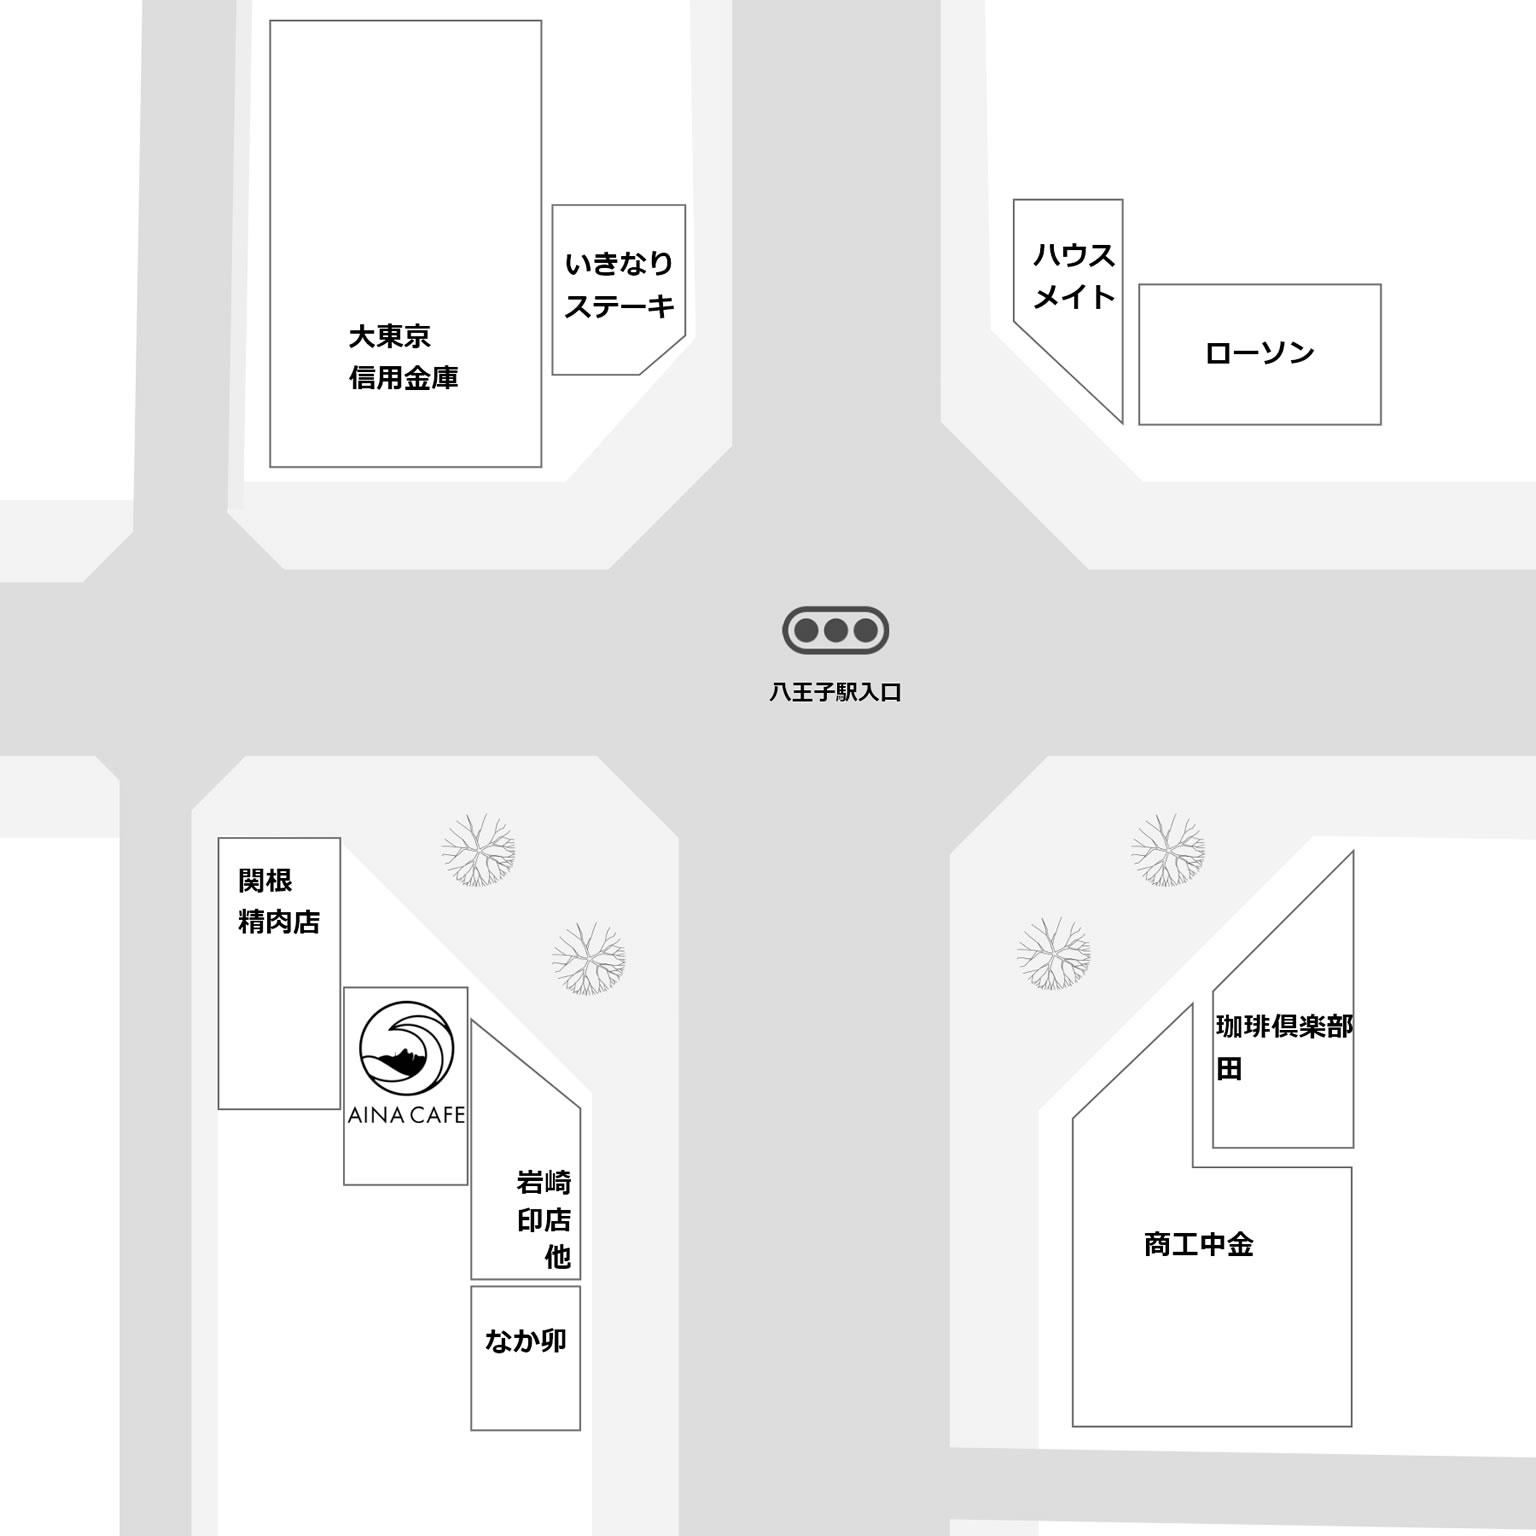 アイナカフェは八王子駅入口交差点にあります。